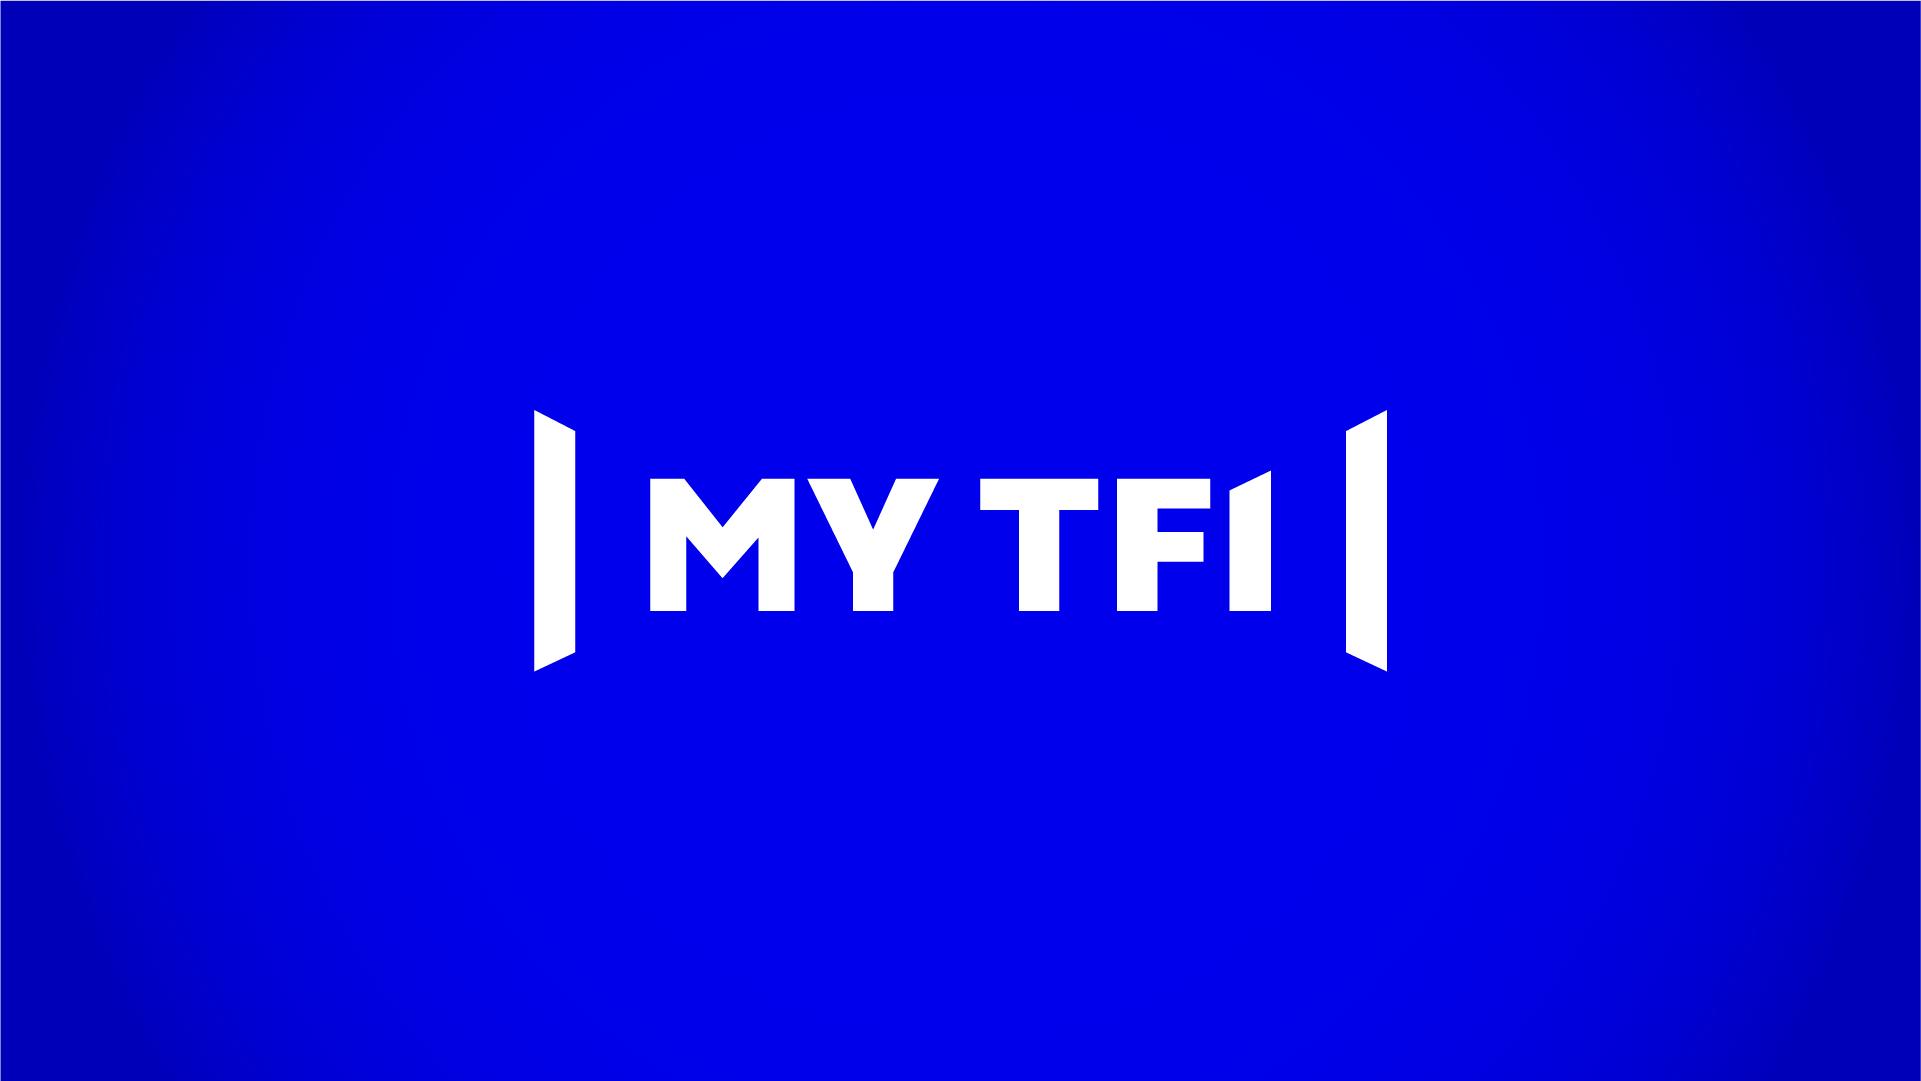 Logotype MyTF1